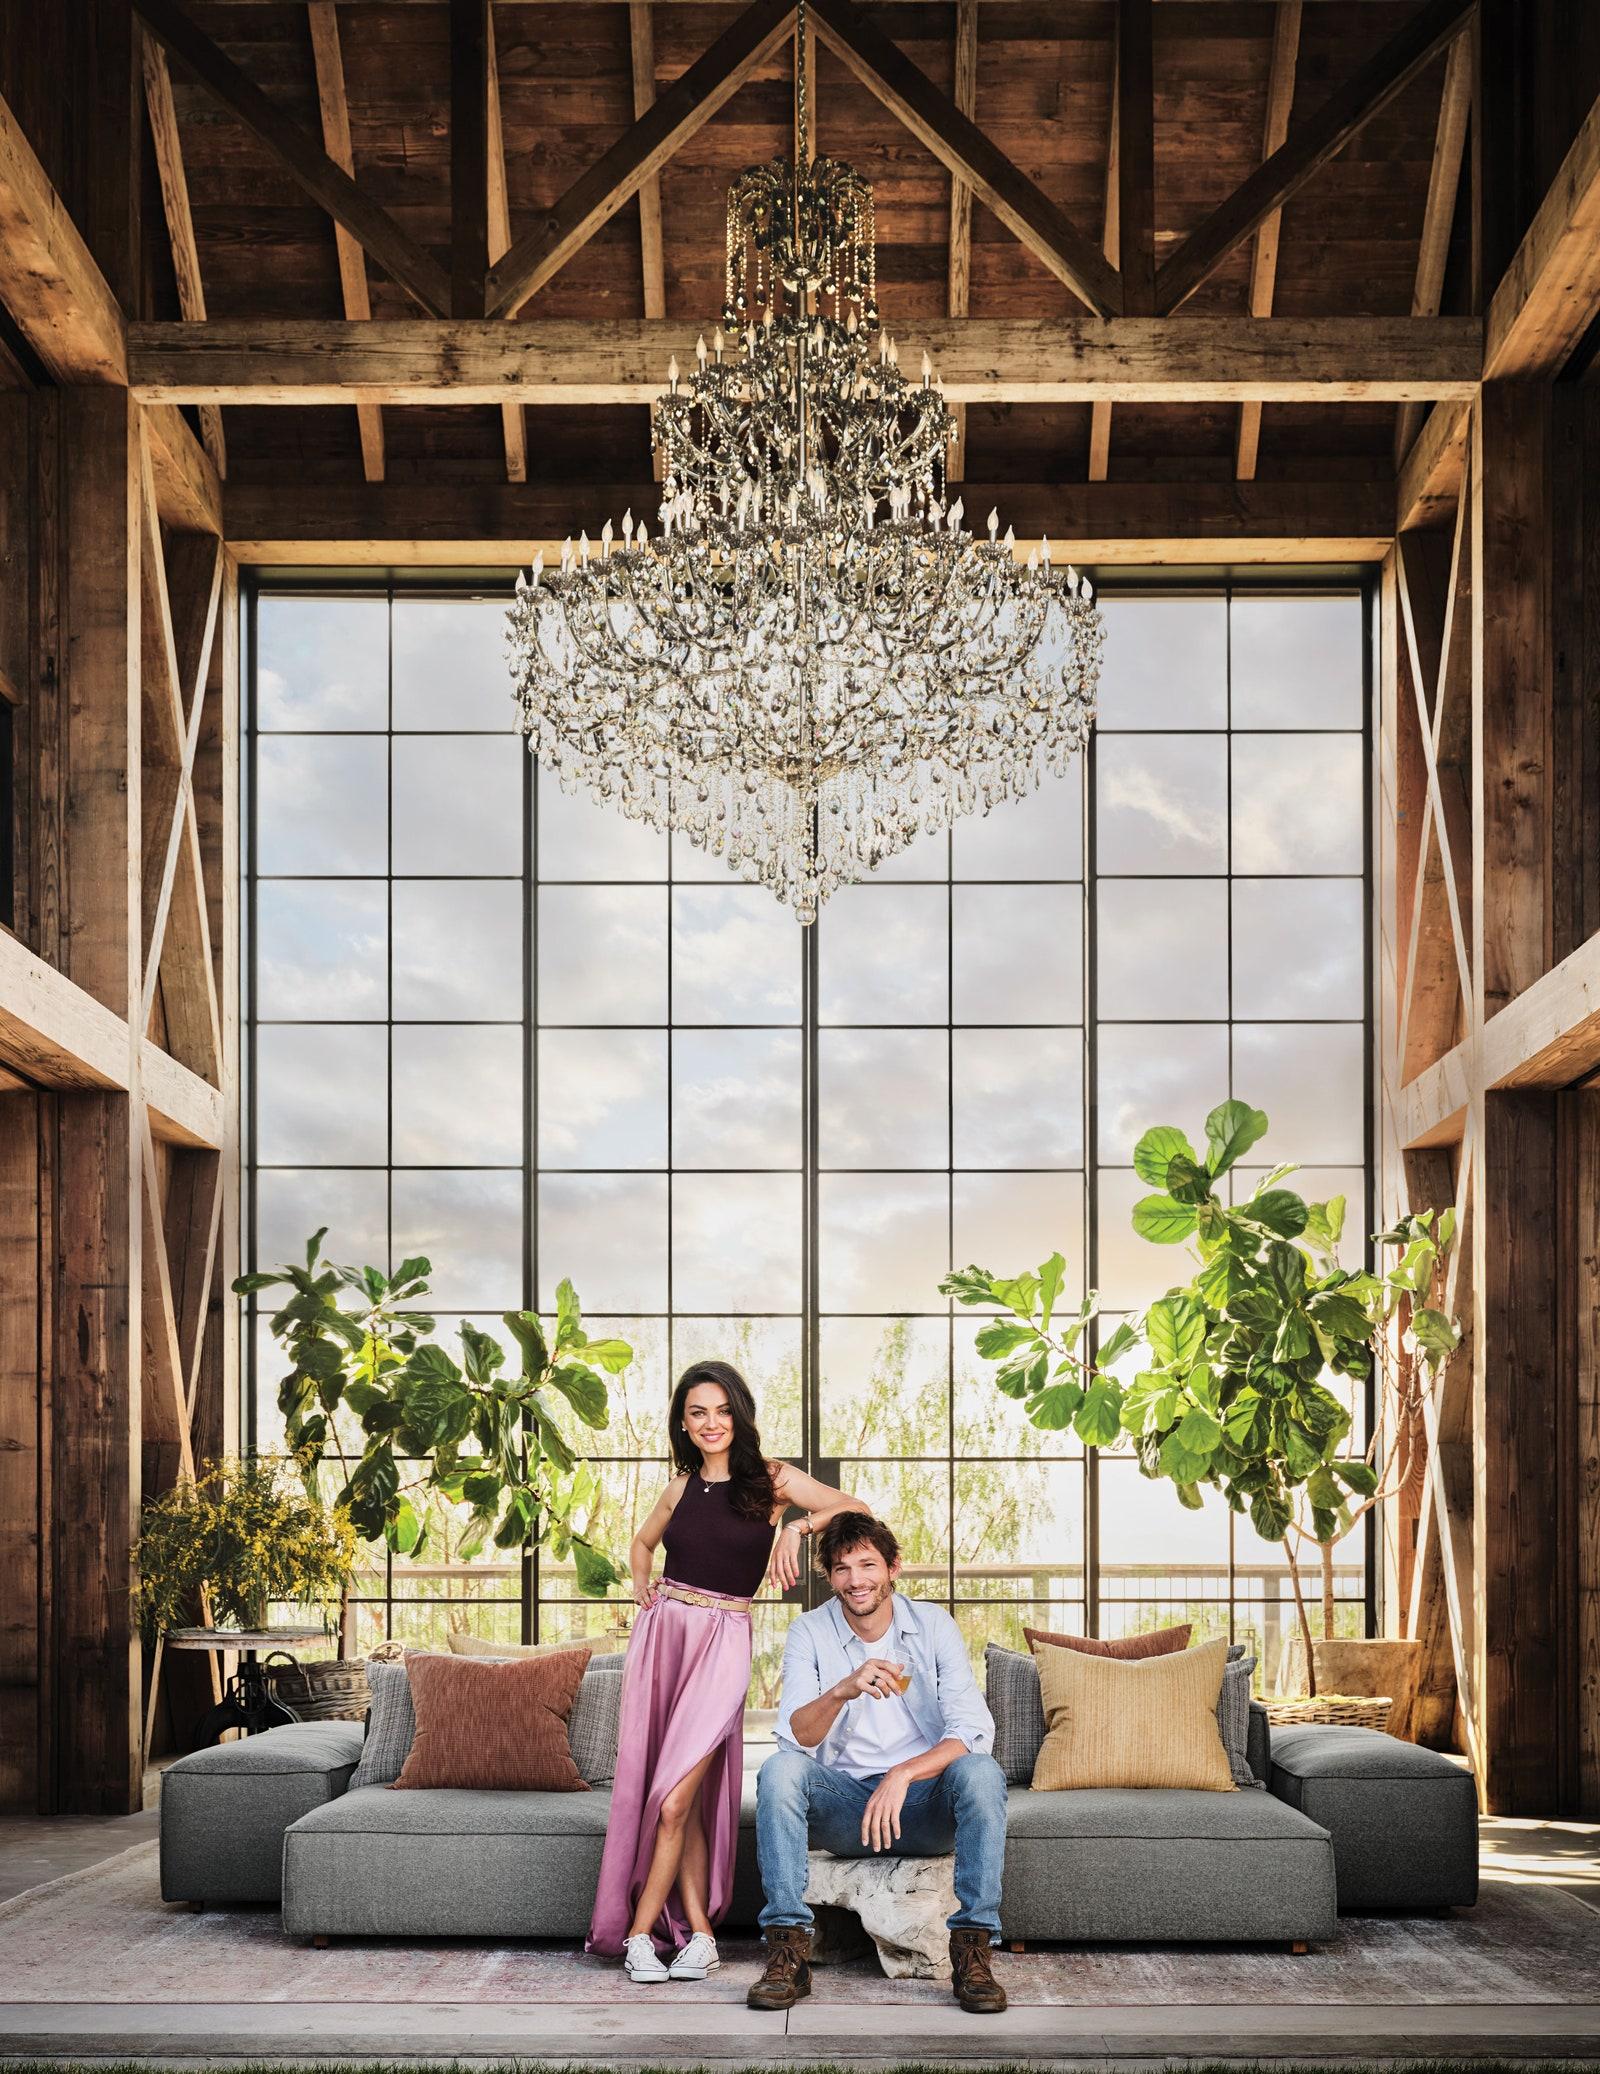 В гостях у Міли Куніс і Ештона Катчера: інтер'єр нового будинку пари в Лос-Анджелесі